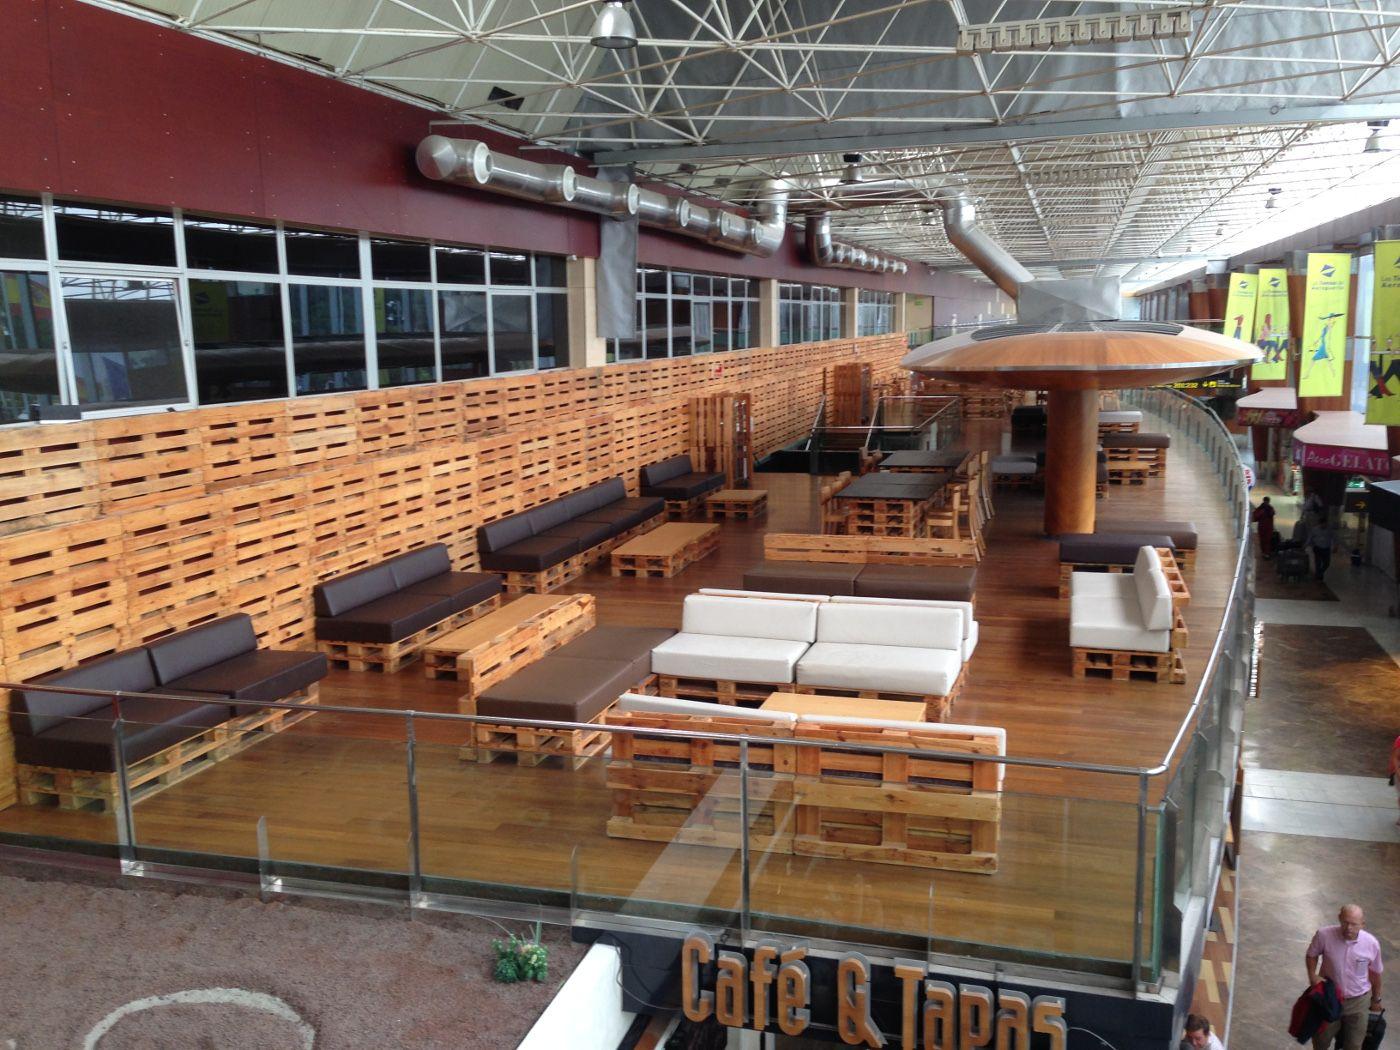 Es gibt ein komplettes paletten-Cafe im Flughafen Teneriffa-Süd ...